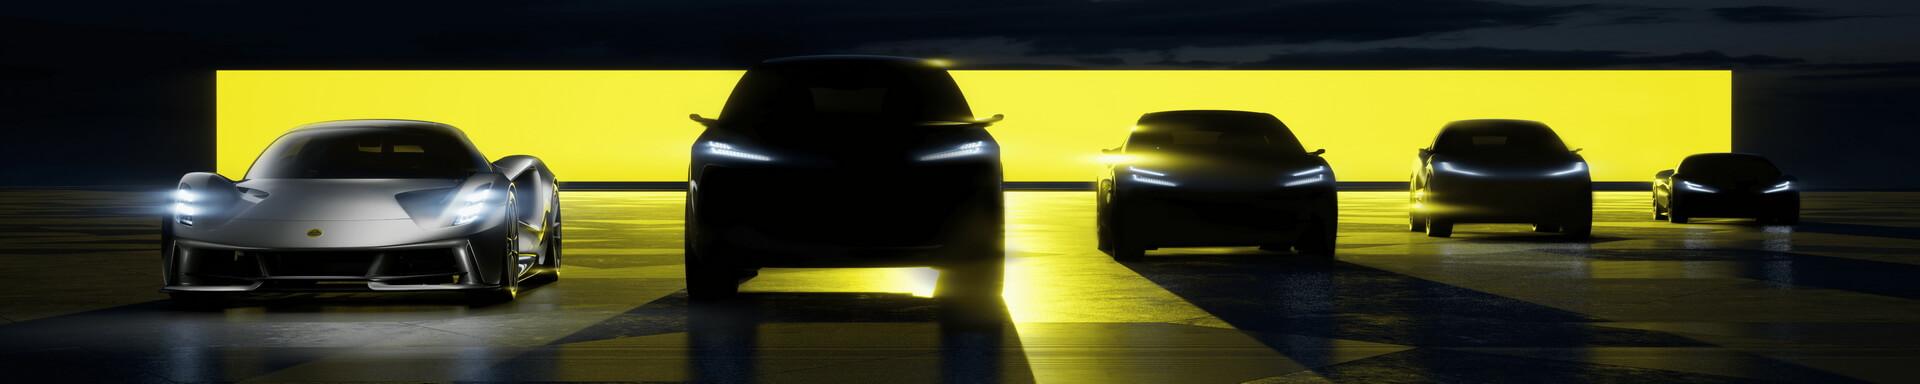 Lotus выпустит четыре новые электрические модели в ближайшие 5 лет